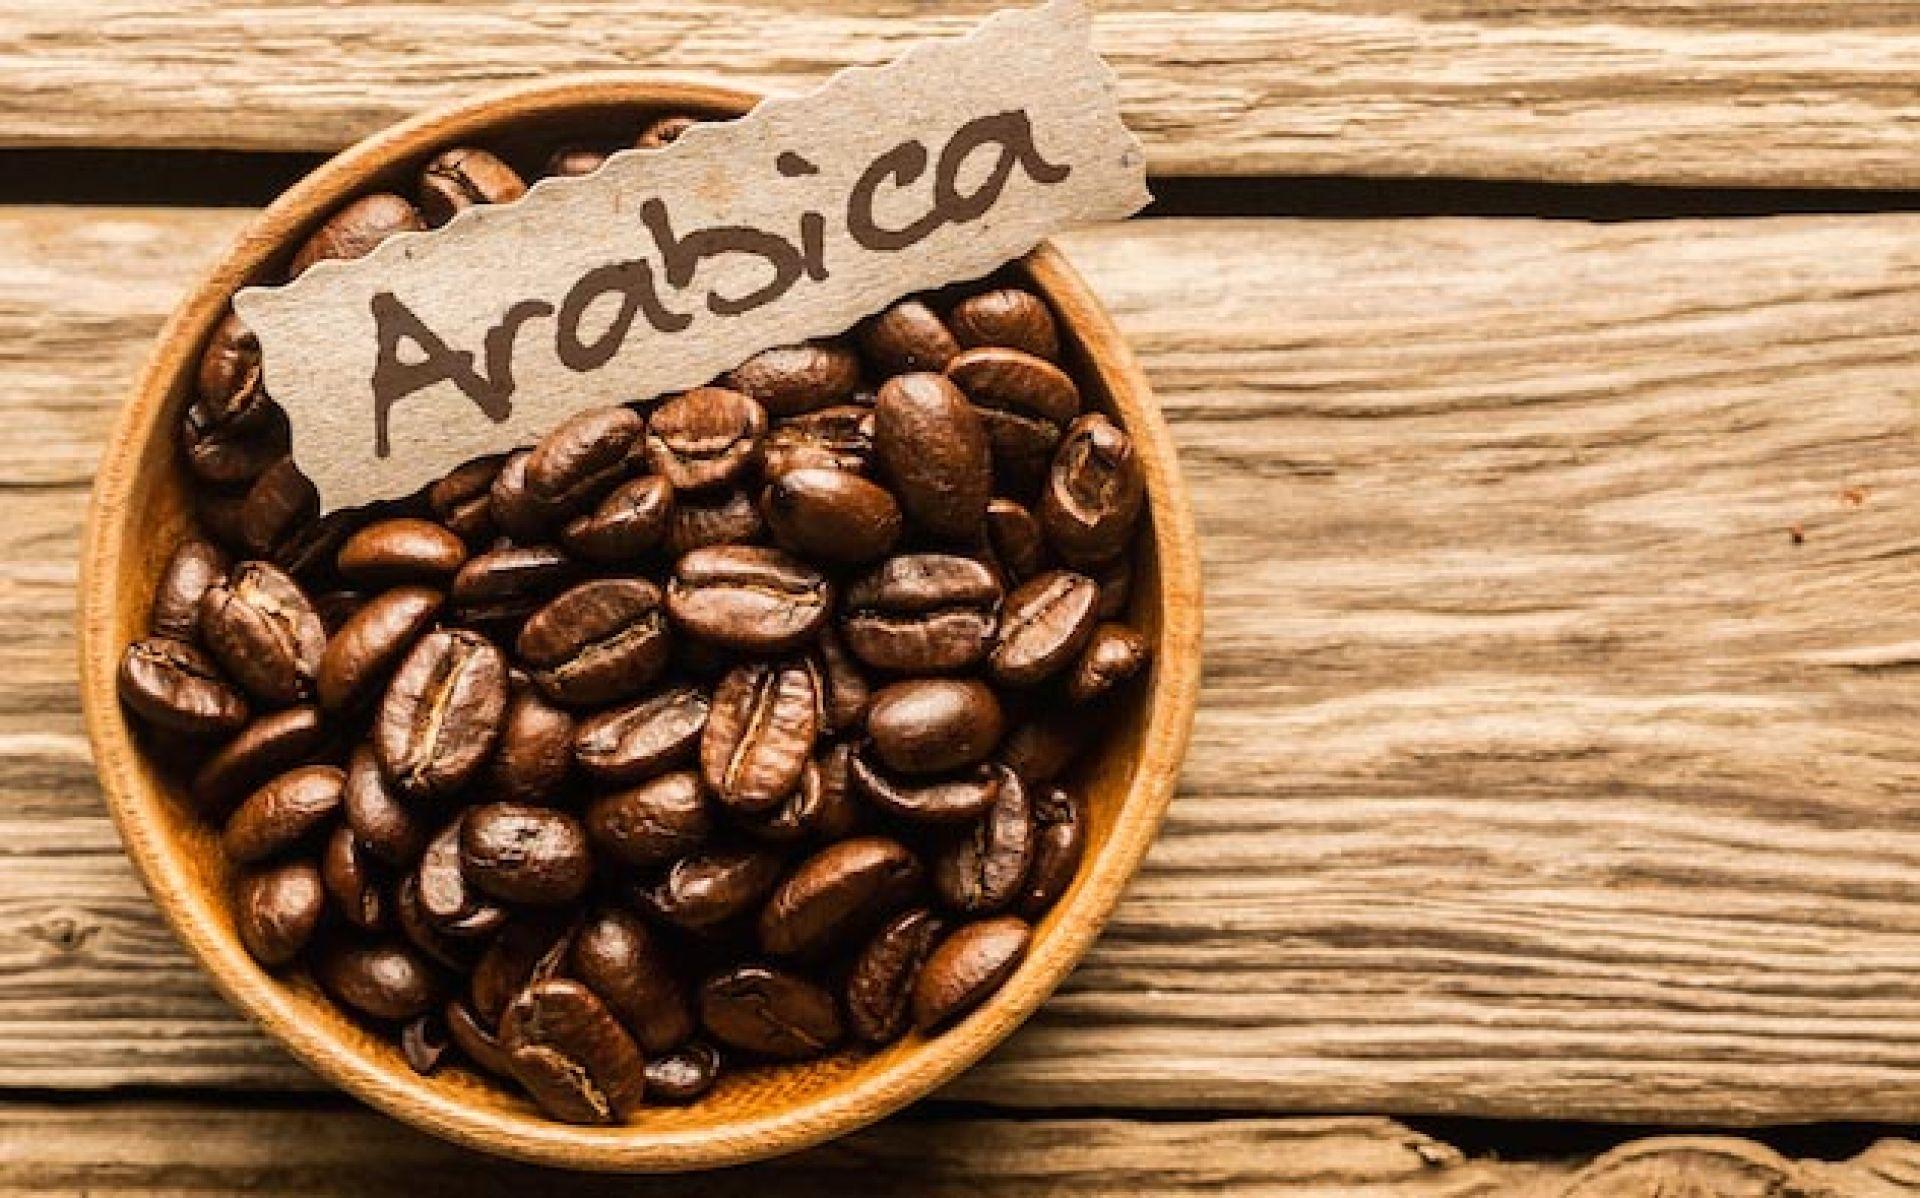 Mua hạt cà phê Arabica cần lưu ý những gì